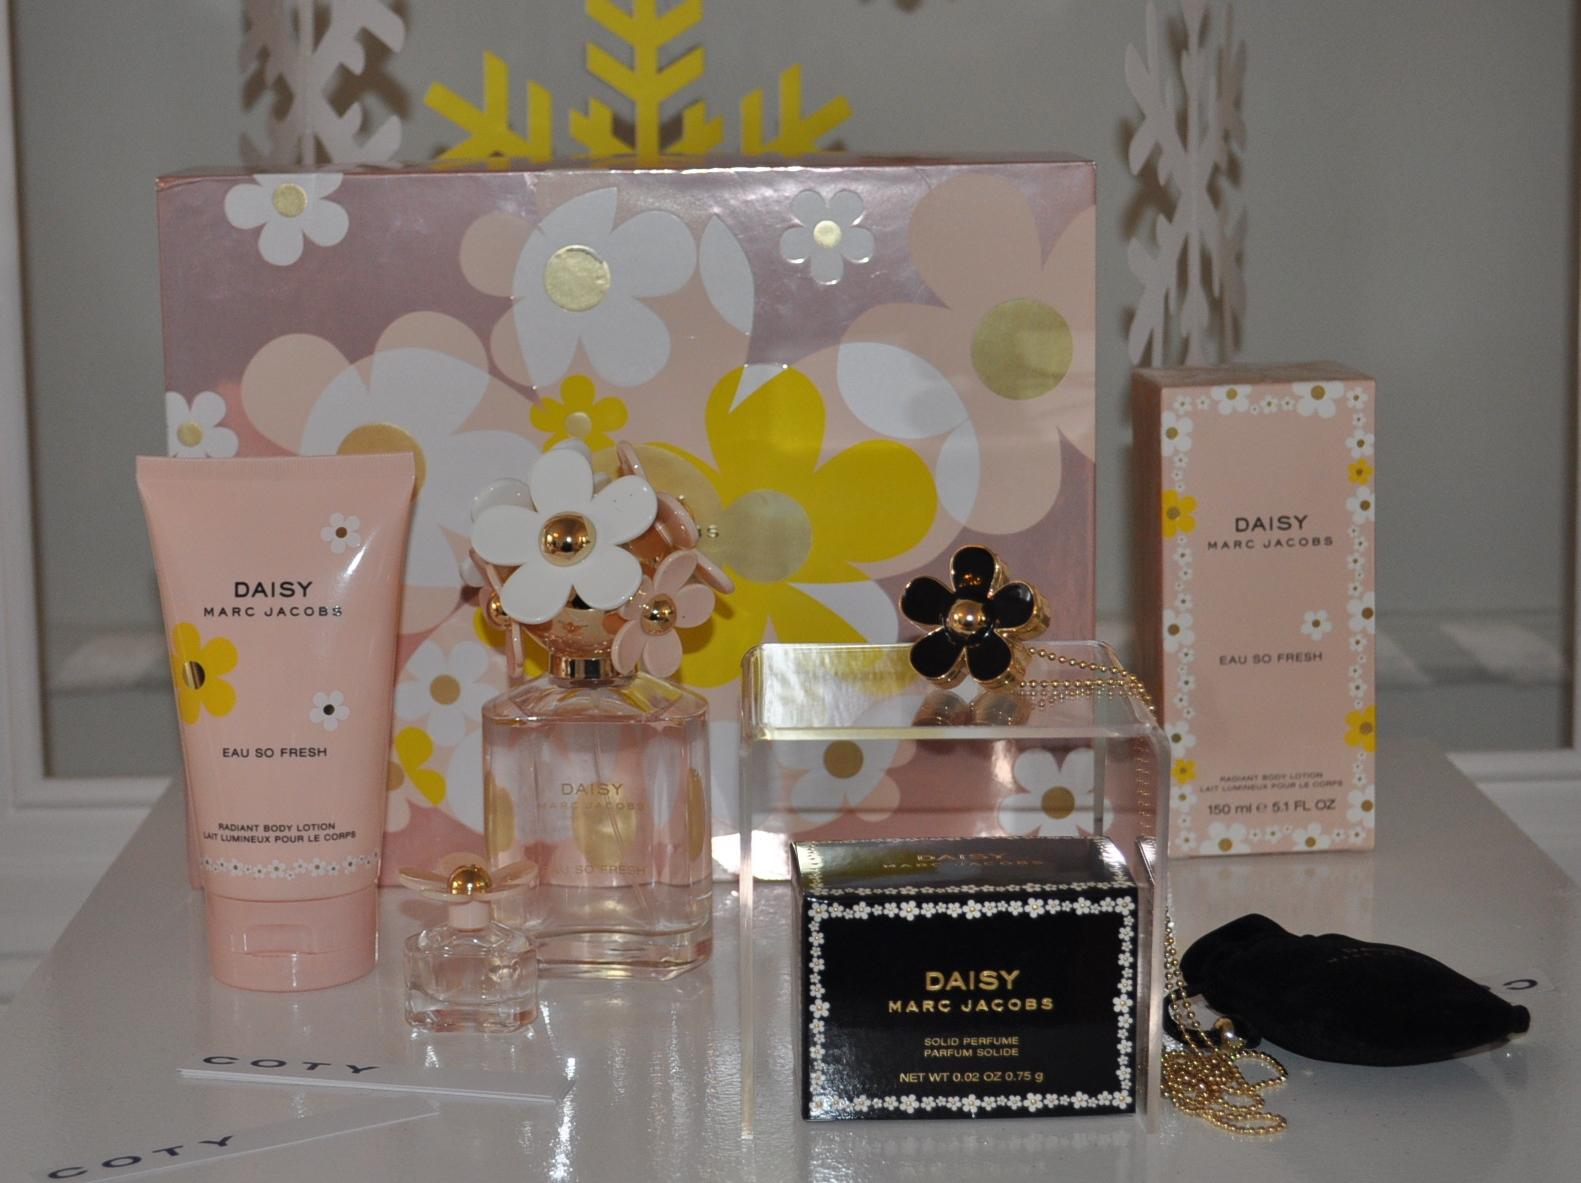 6301ed32331e1 Christmas Gift Guide  Perfume Sets